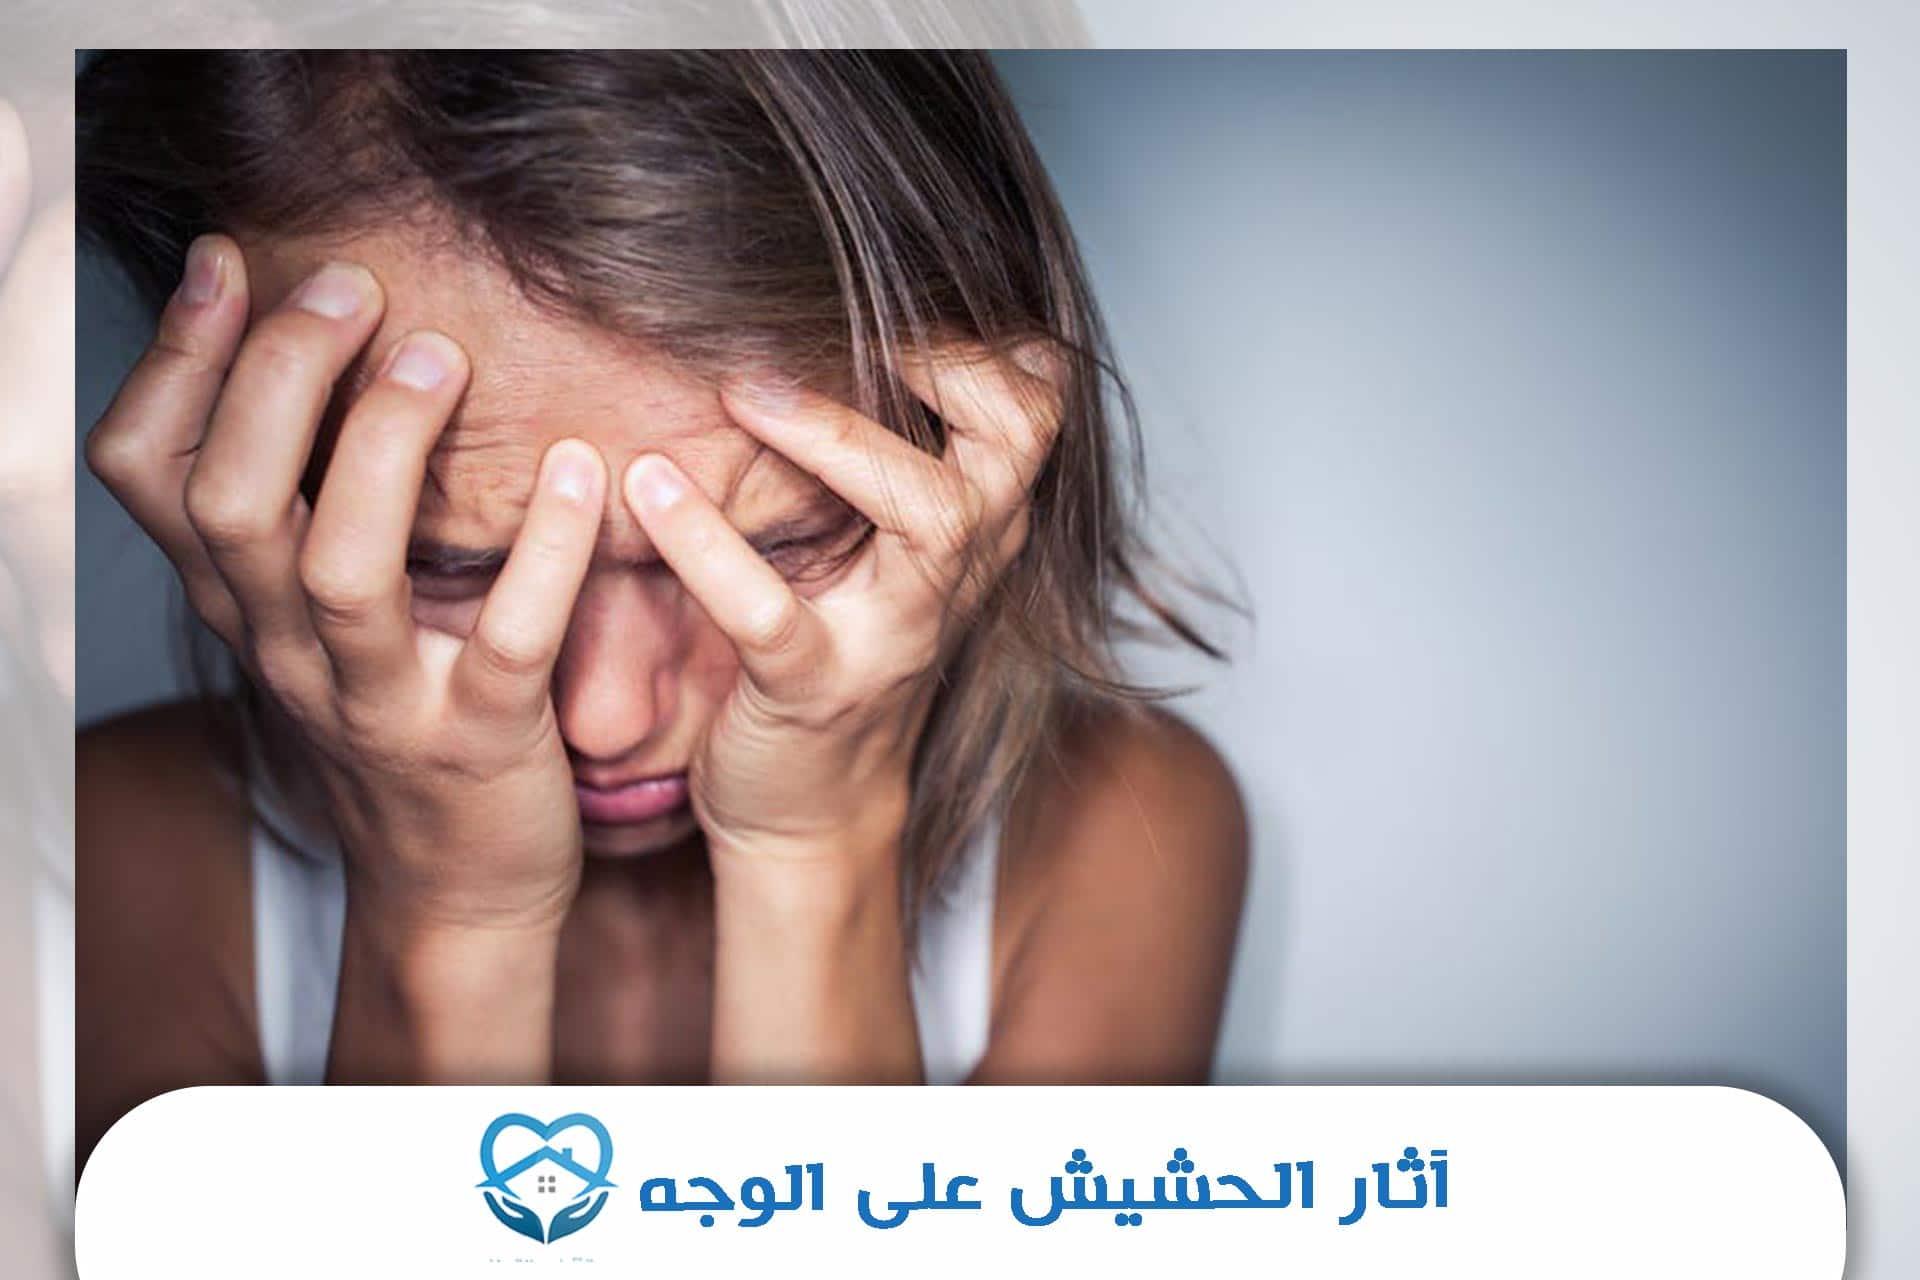 آثار الحشيش على الوجه 11 علامة تعرف بها المتعاطي مستشفى التعافي